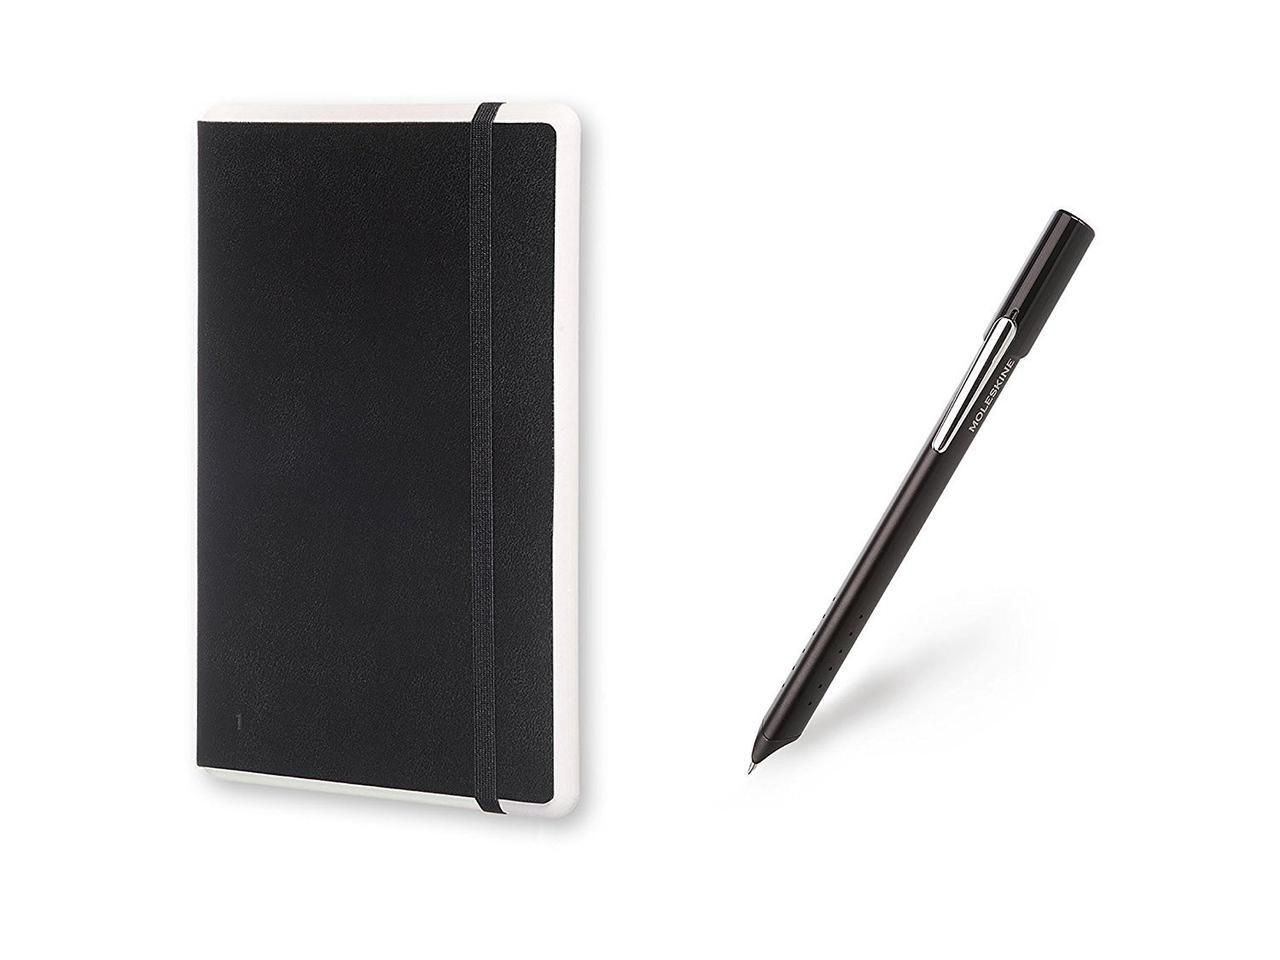 Ручка Moleskine + интеллектуальный письменный набор, б/у